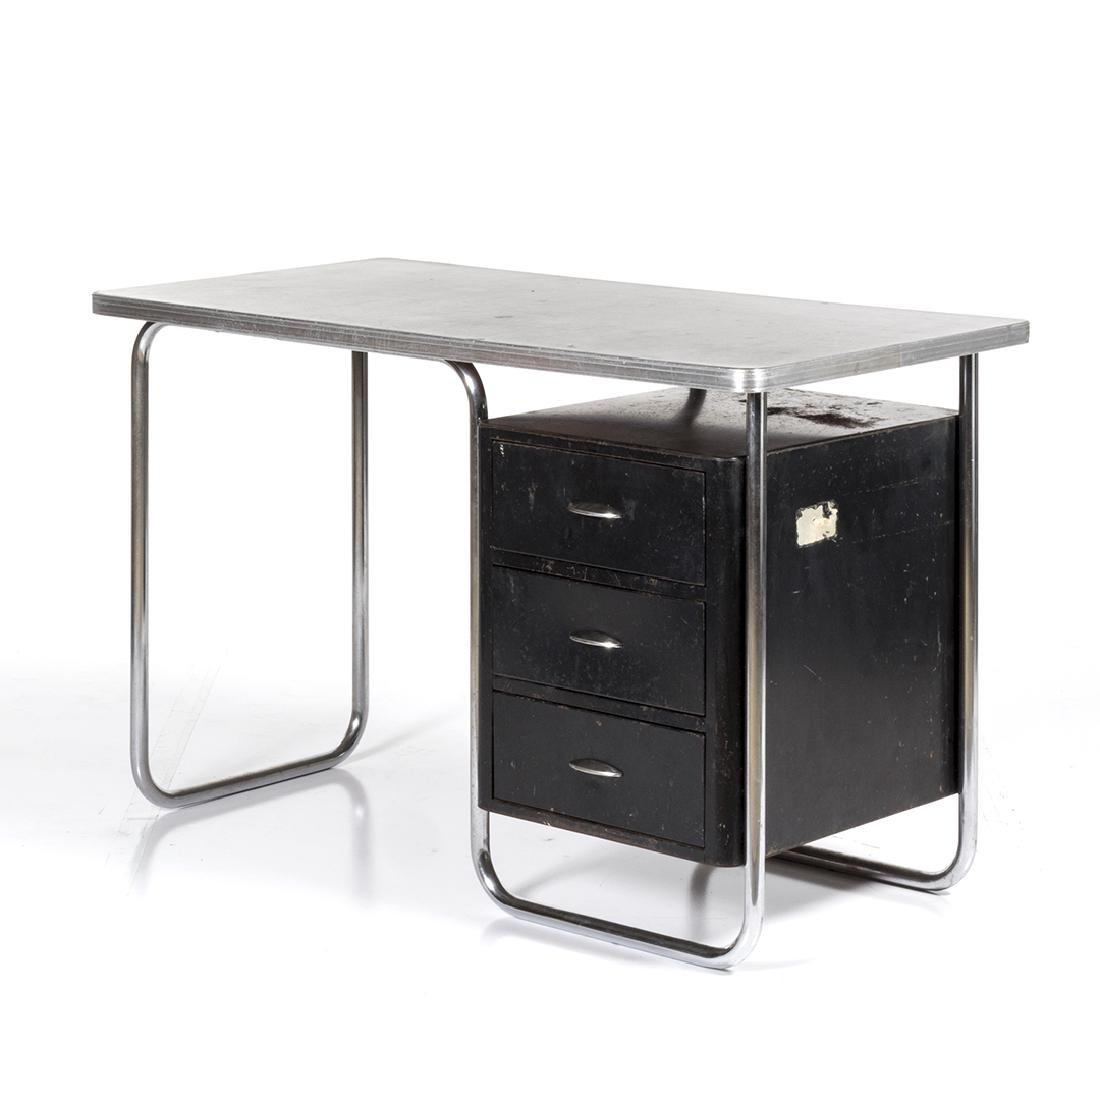 Norman Bel Geddes Desk - 2